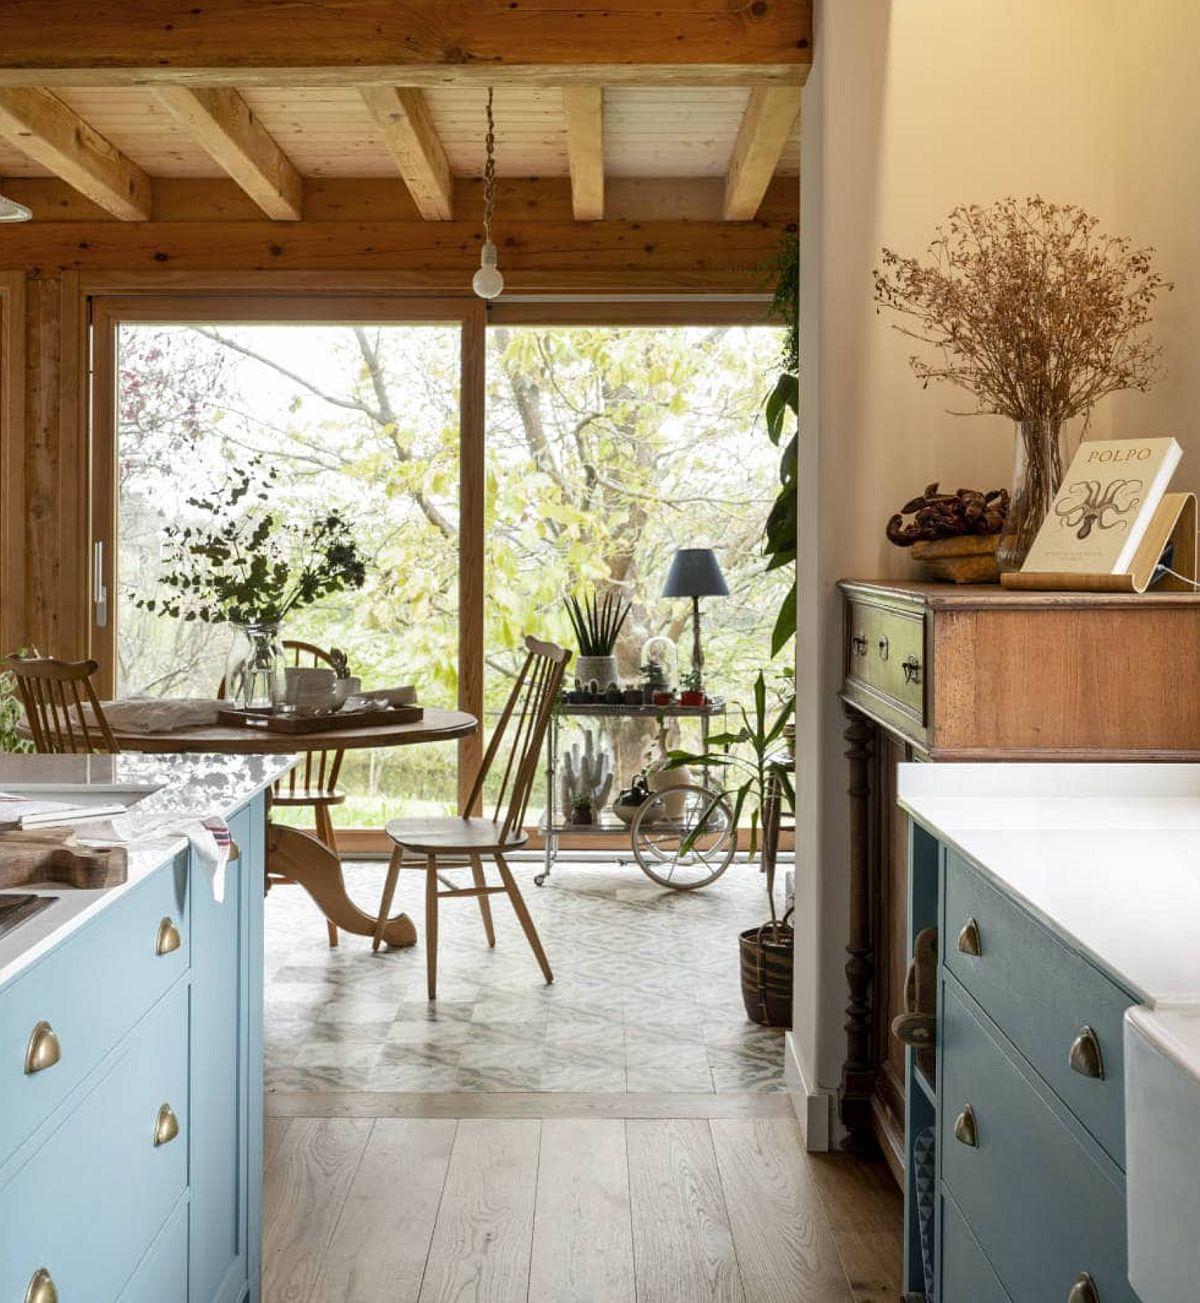 Locul de luat masa este în relație directă cu bucătăria și totuși pardoseala se oprește în locul sufrageriei. Încolzirea prin pardoseală este mai eficientă în dreptul ferestrelor, ca atare acolo era mai important ca ea să radieze din plin, mai ales ân sezonul rece.